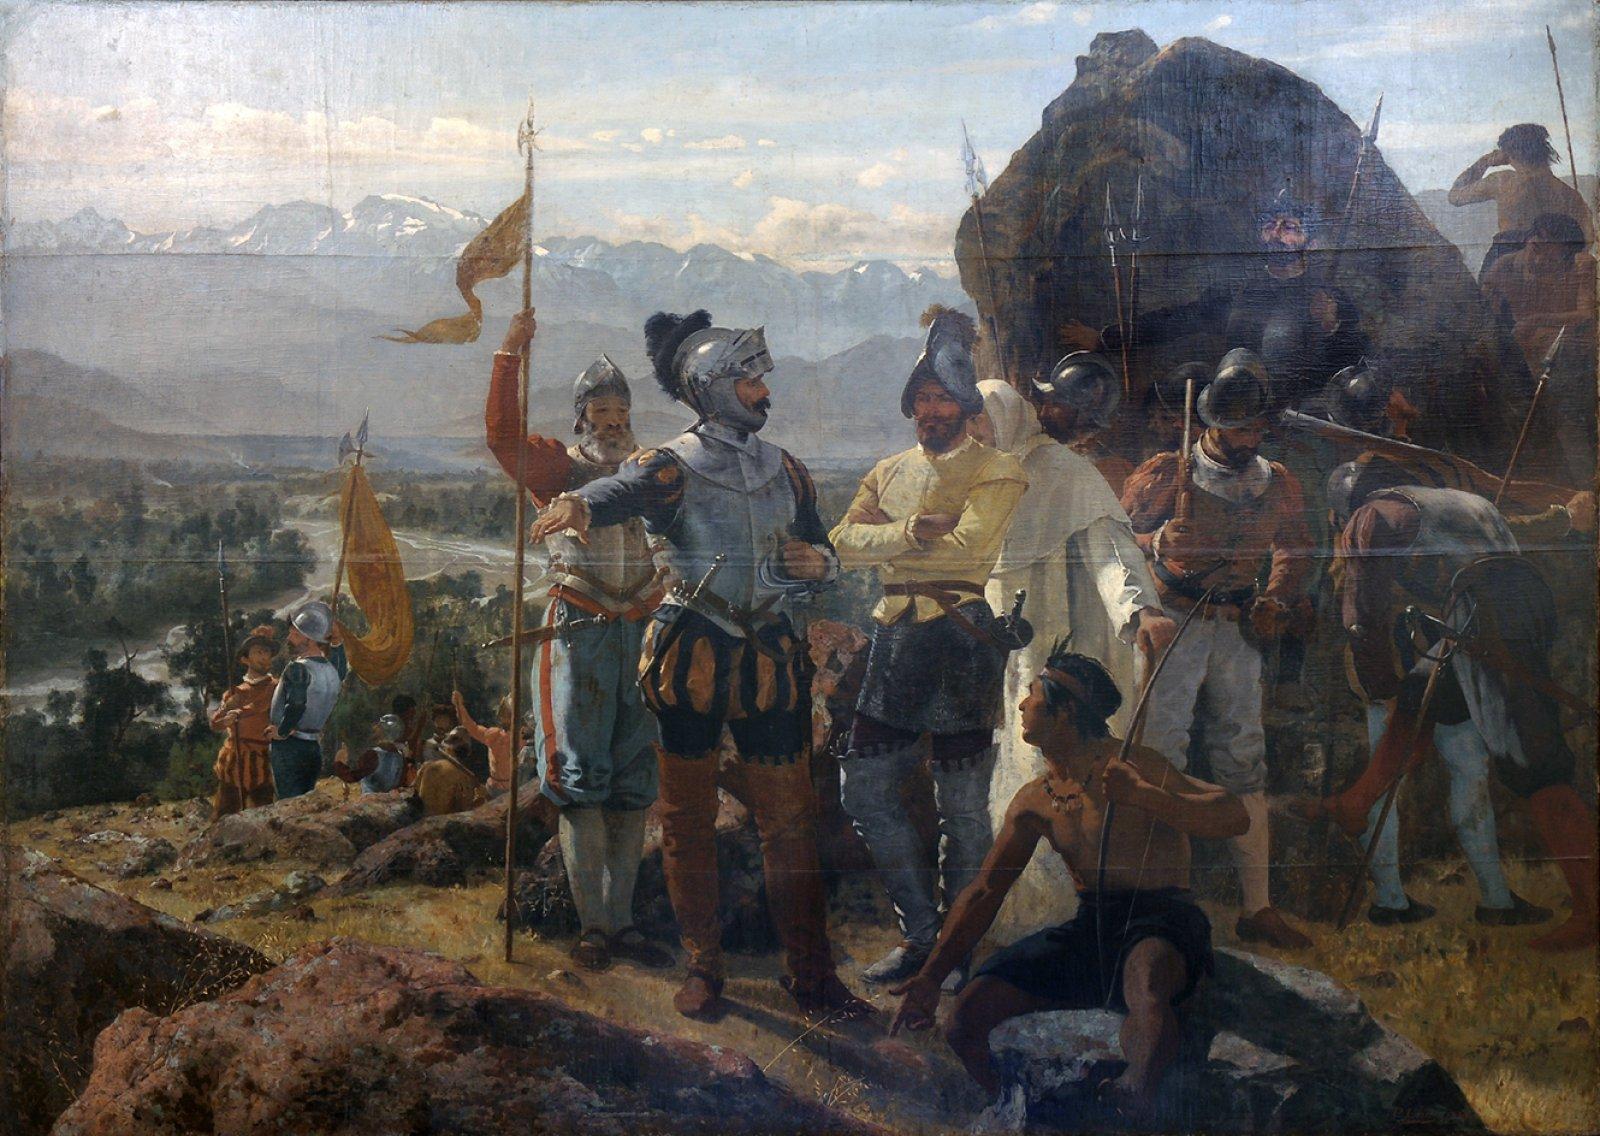 La fundació de Santiago (1888), obra de Pedro Francisco Lira Rencoret